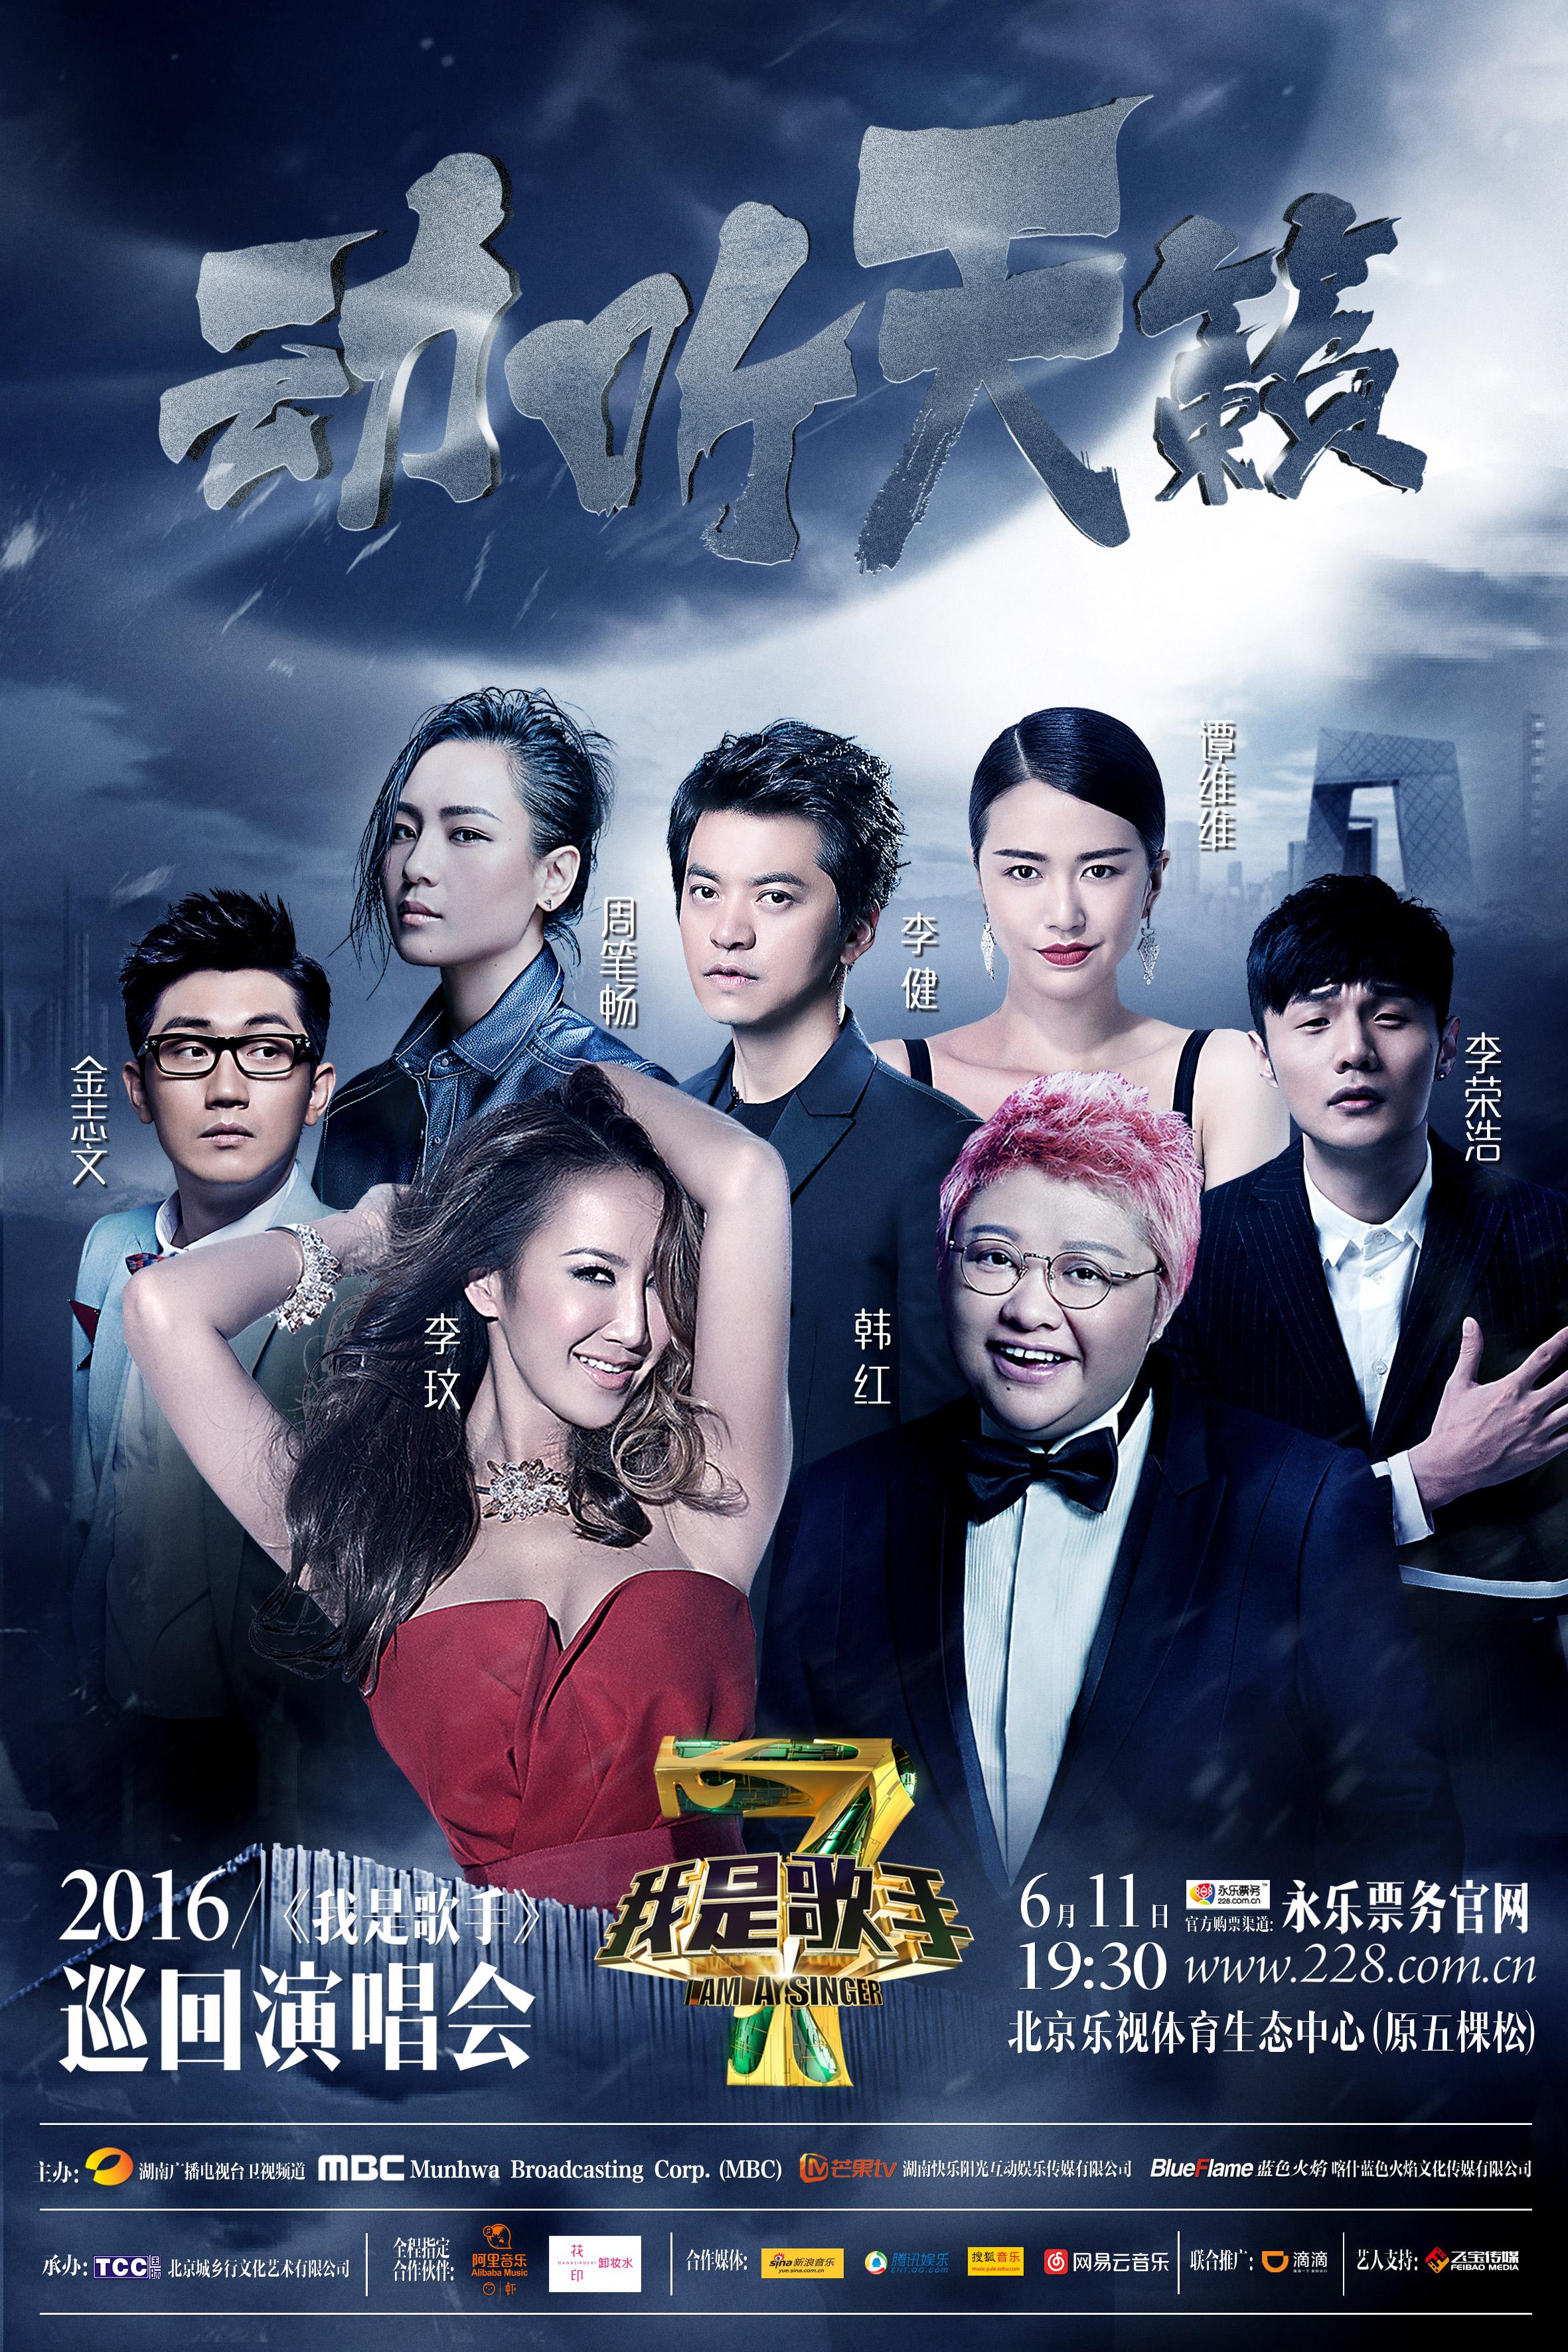 上周六晚,《我是歌手》巡回演唱会南昌站在南昌国际体育中心体育场图片